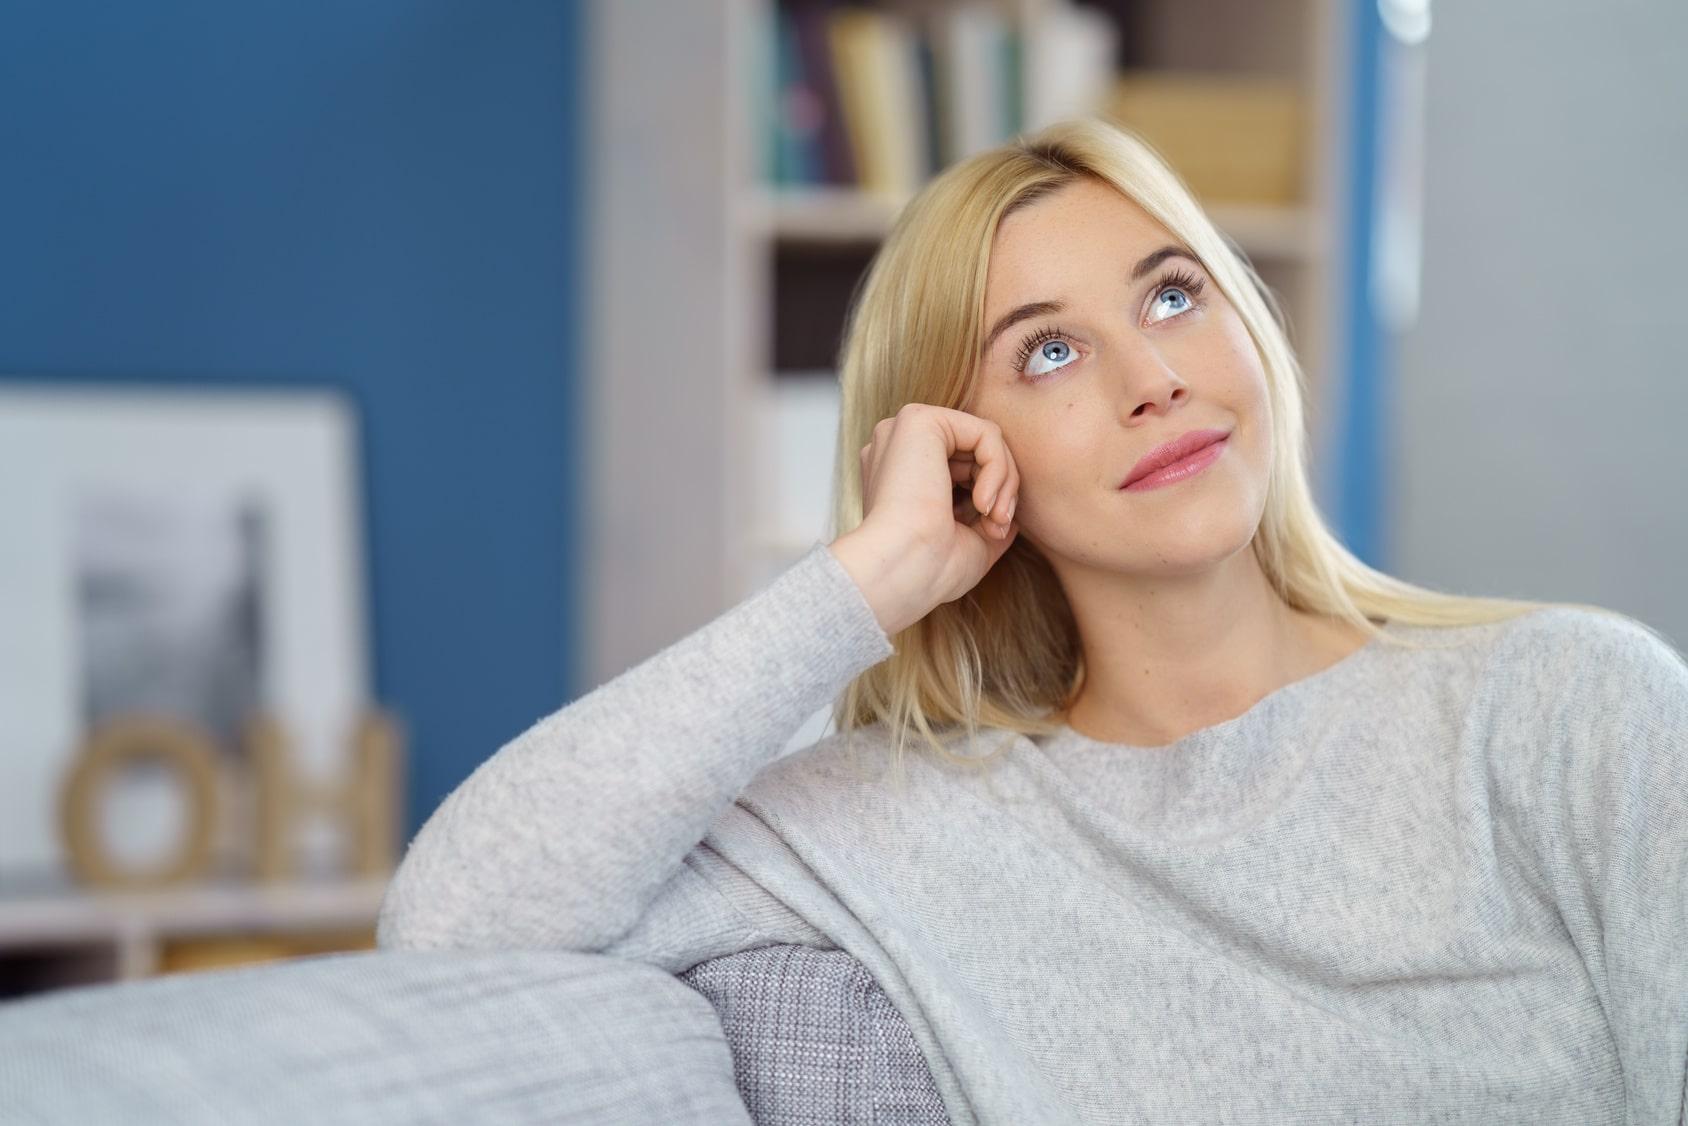 Eine Frau sitzt auf einem Sofa und schaut nach oben. Sie ihrer Mimik zeigt sie deutlich, dass sie mit dem Programm der unibee Institute, ihr Selbstbewusstsein stärken konnte und jetzt in einer guten Balance sich wohl fühlt. Sie hat glatte, lange, blonde Haare und ist bekleidet mit einem hellgrauen Pullover. Im Hintergrund ist verschwommen ein Wohnzimmer zu sehen, welches eine blaue Farbe an der Wand hat.